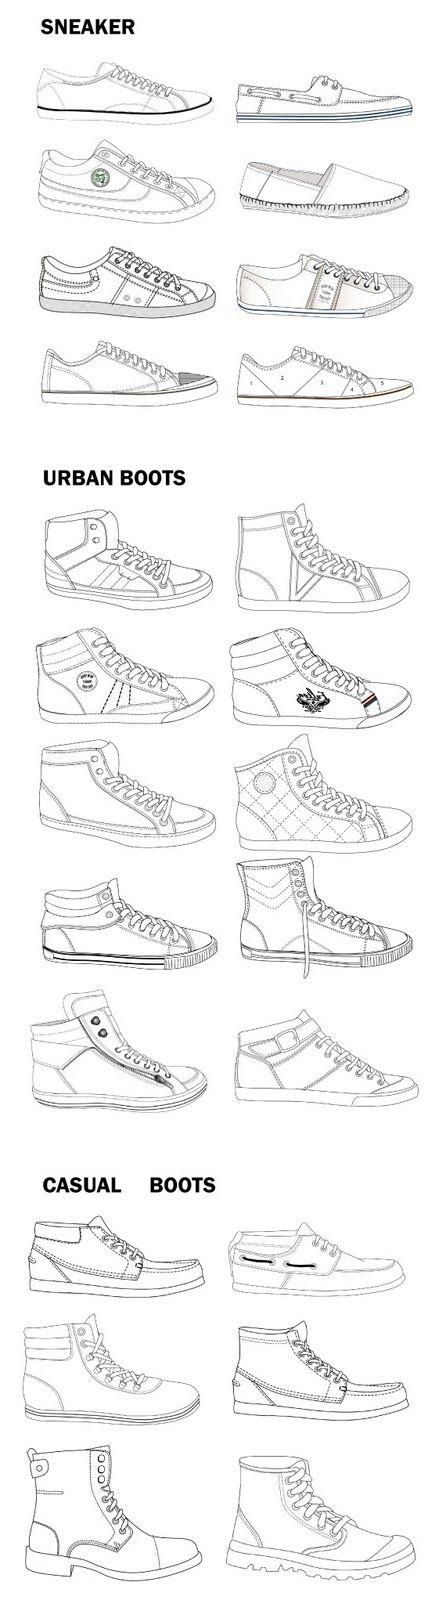 Elena Guillem diseñadora de complementos y calzado: Bocetos